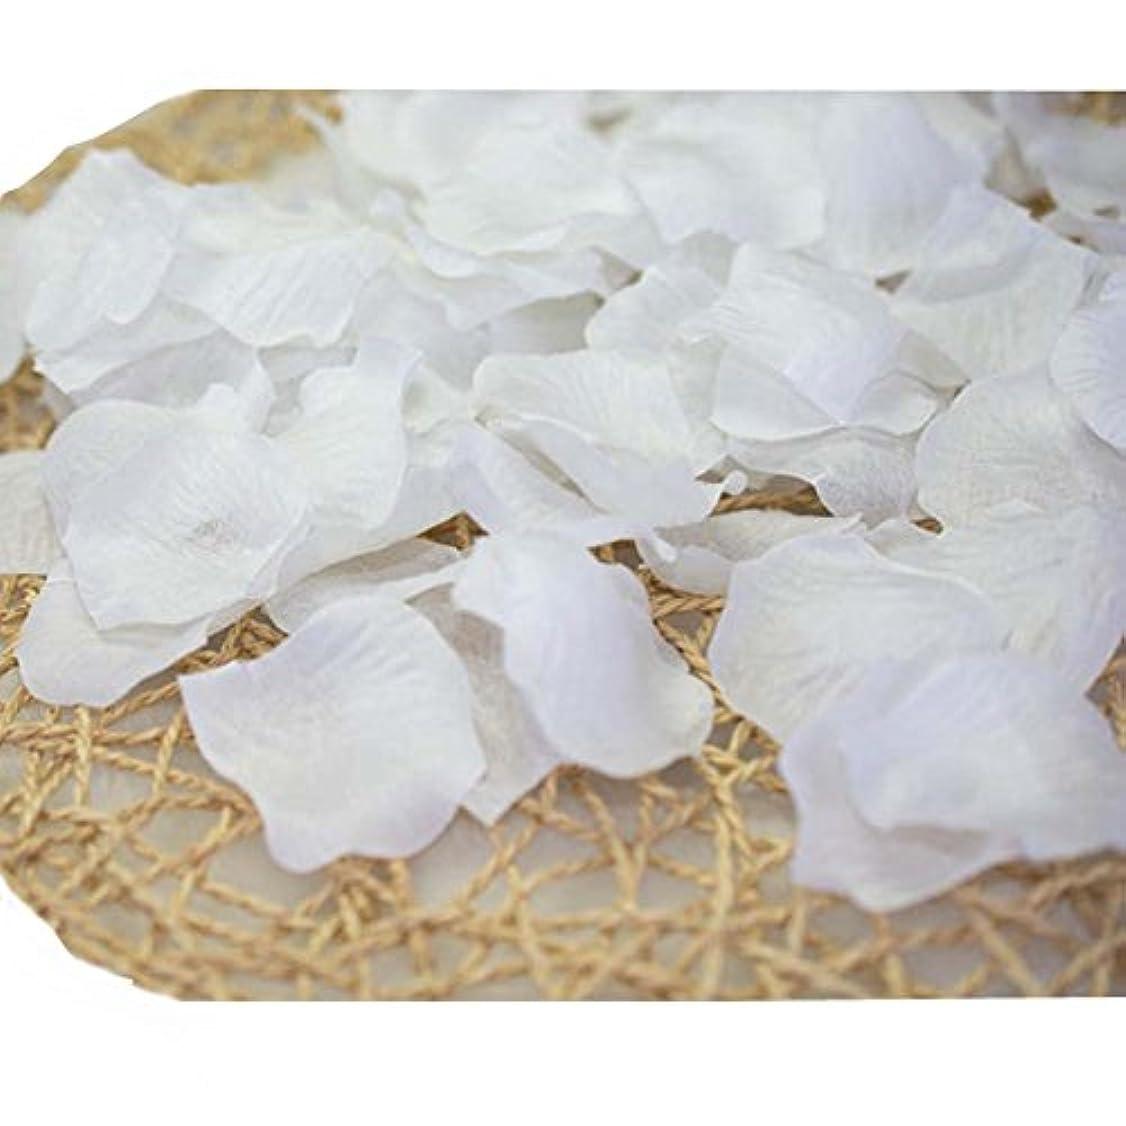 買い物に行く数値遊び場結婚式のための人工花びら白840のセット